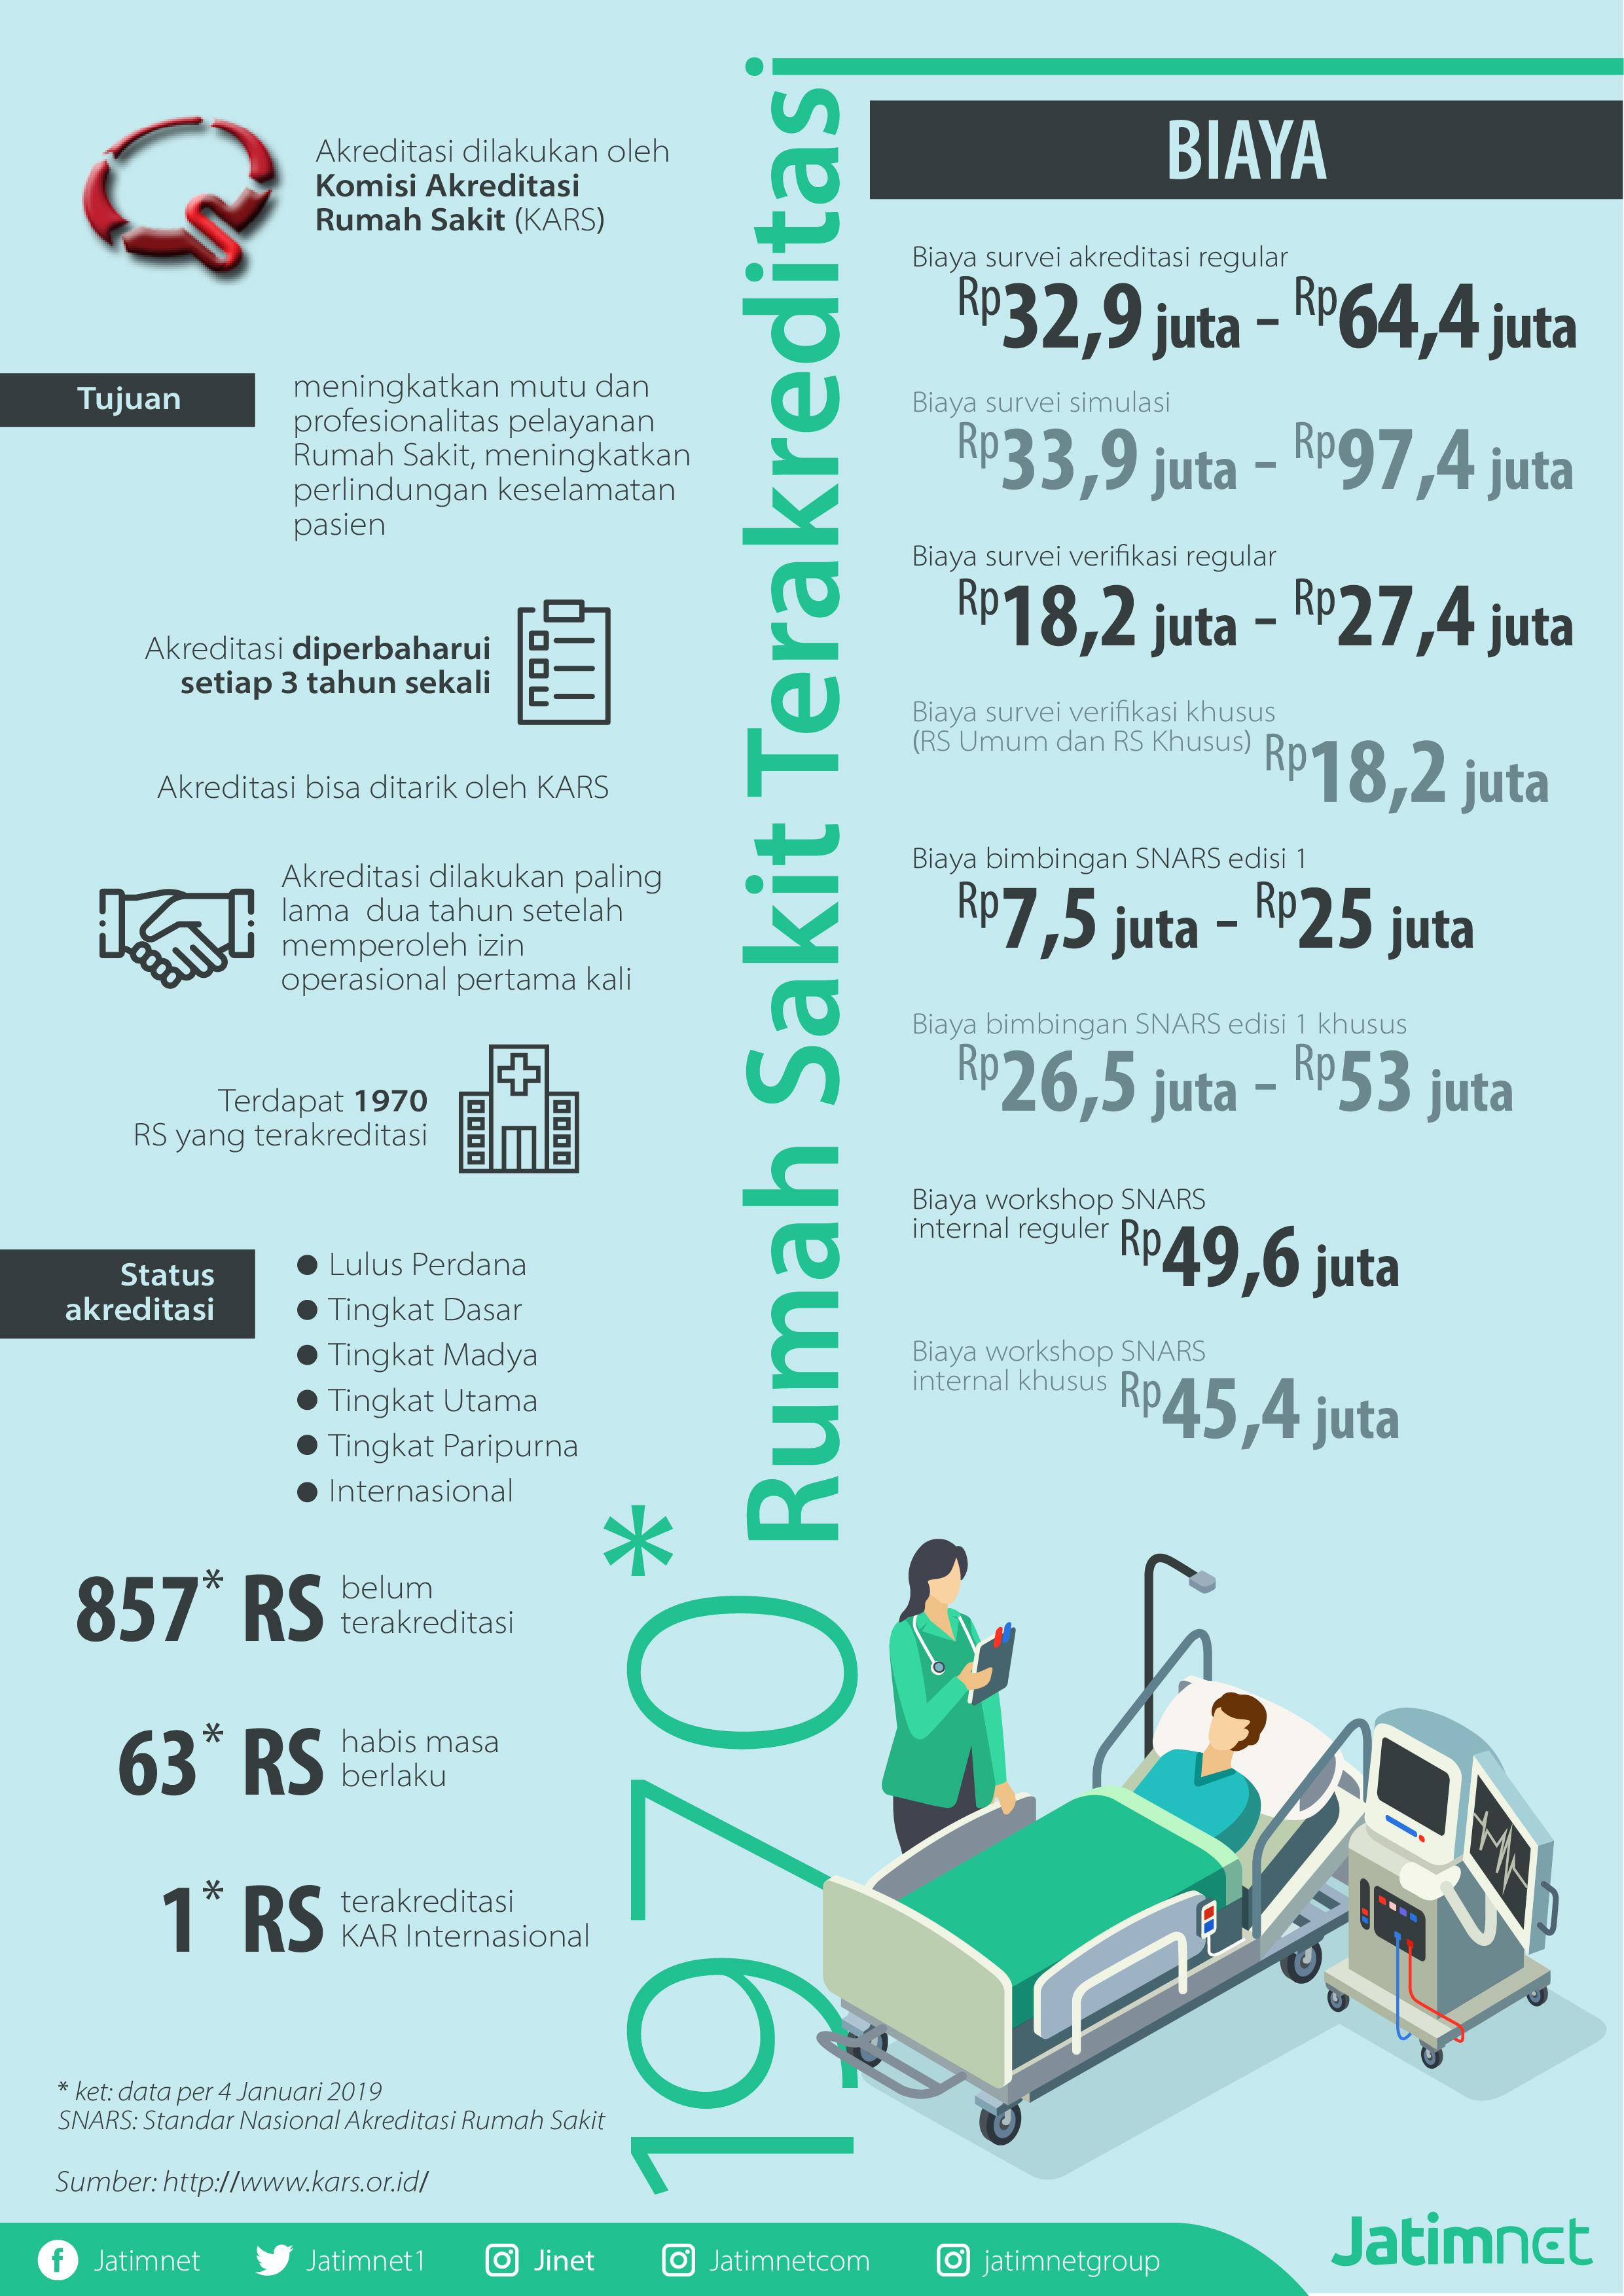 Sebanyak 857 Rumah Sakit belum Terakreditasi